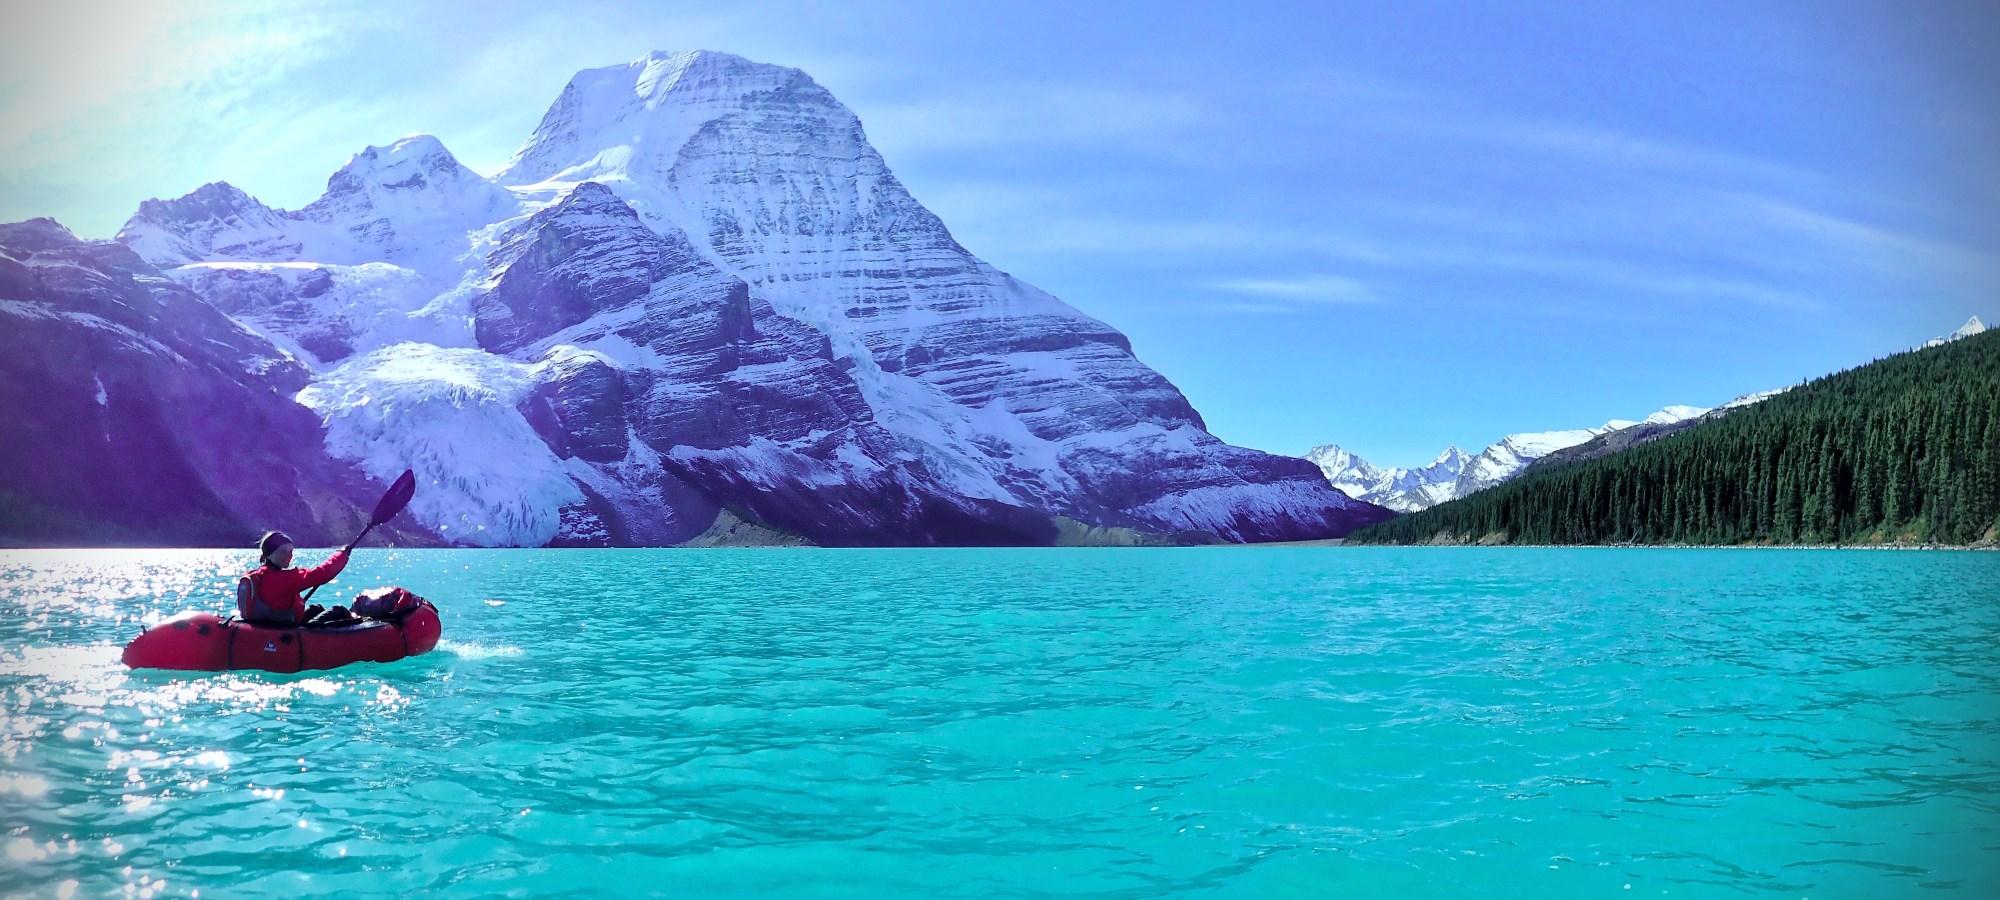 Kanada Rückweg vom Berg Lake ins Tal © Jens Külzer